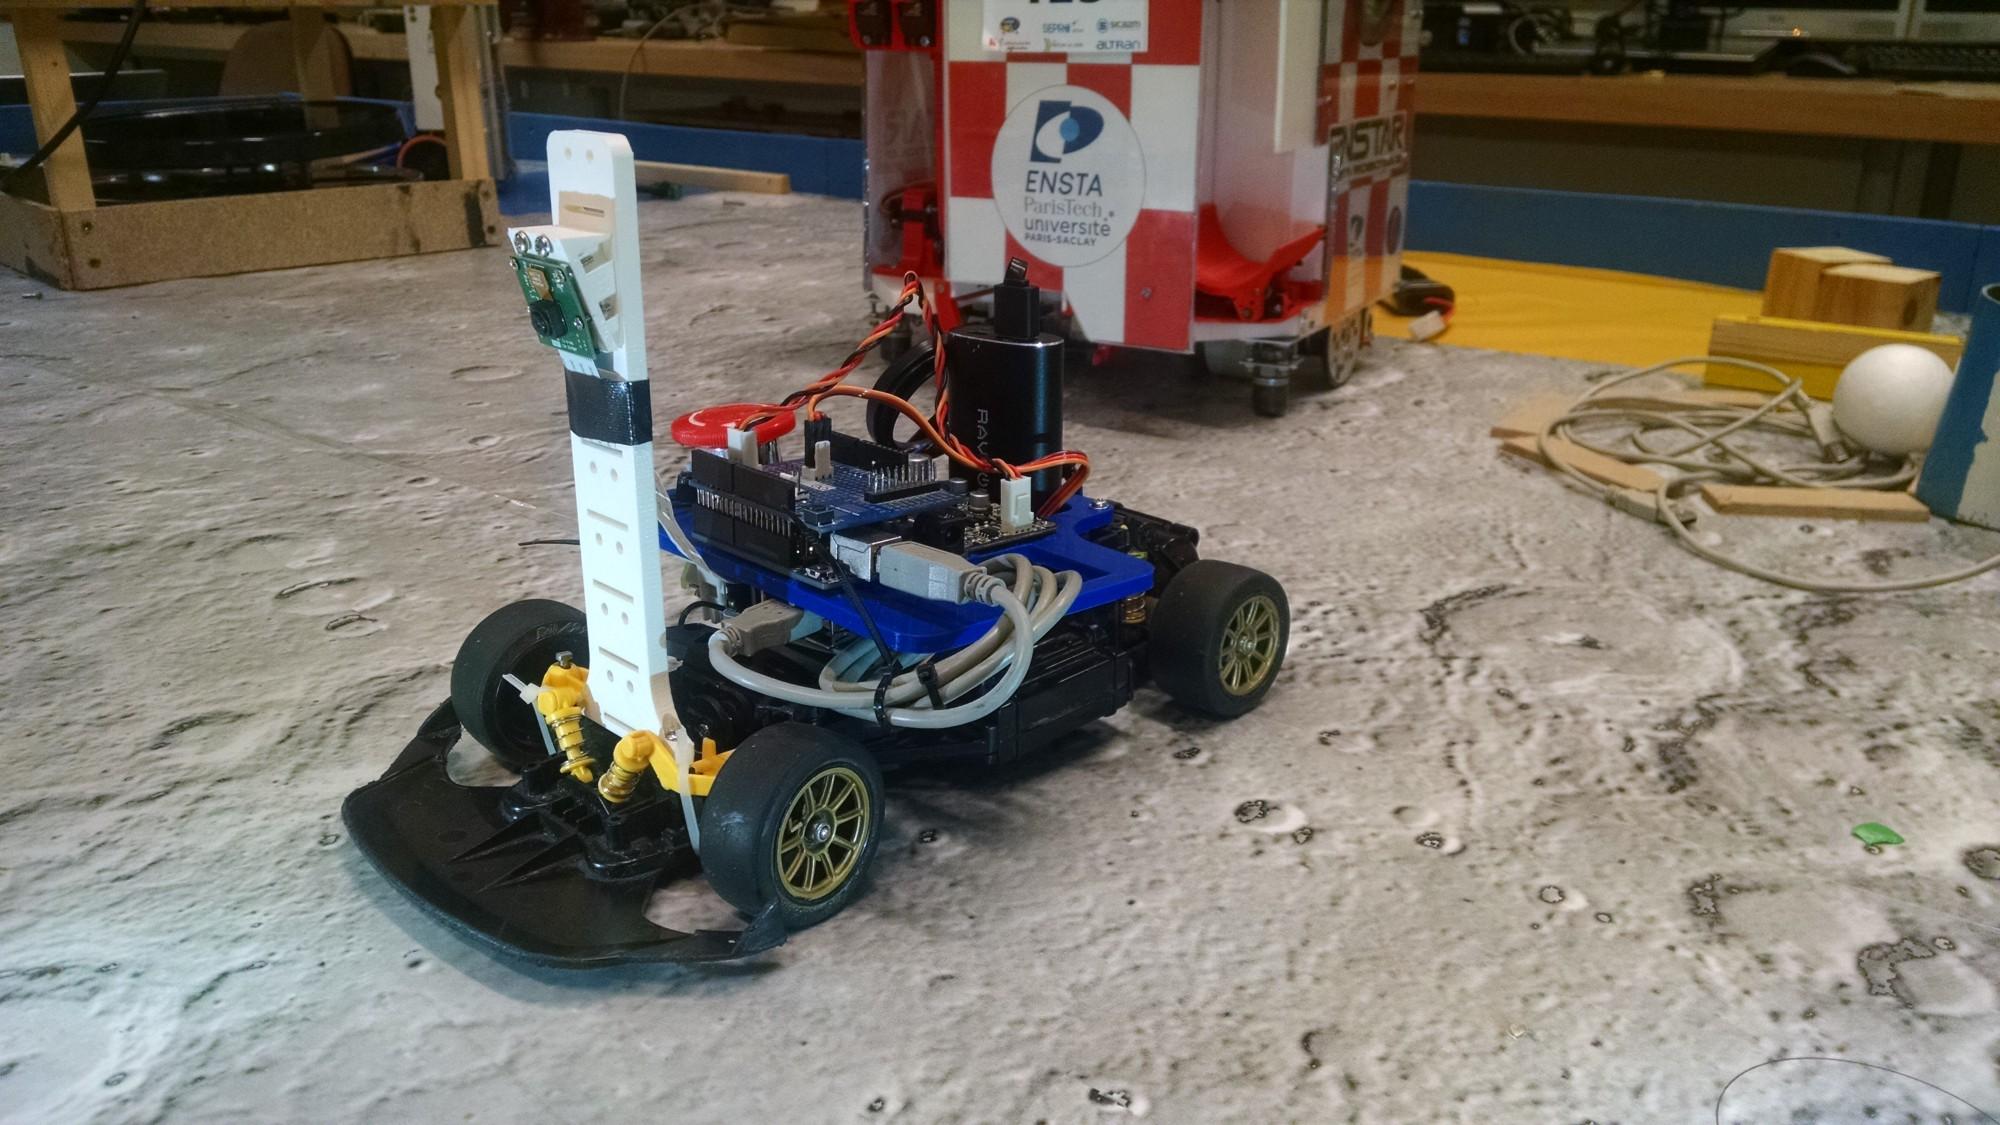 Autonomous Racing Robot With an Arduino, a Raspberry Pi and a Pi Camera